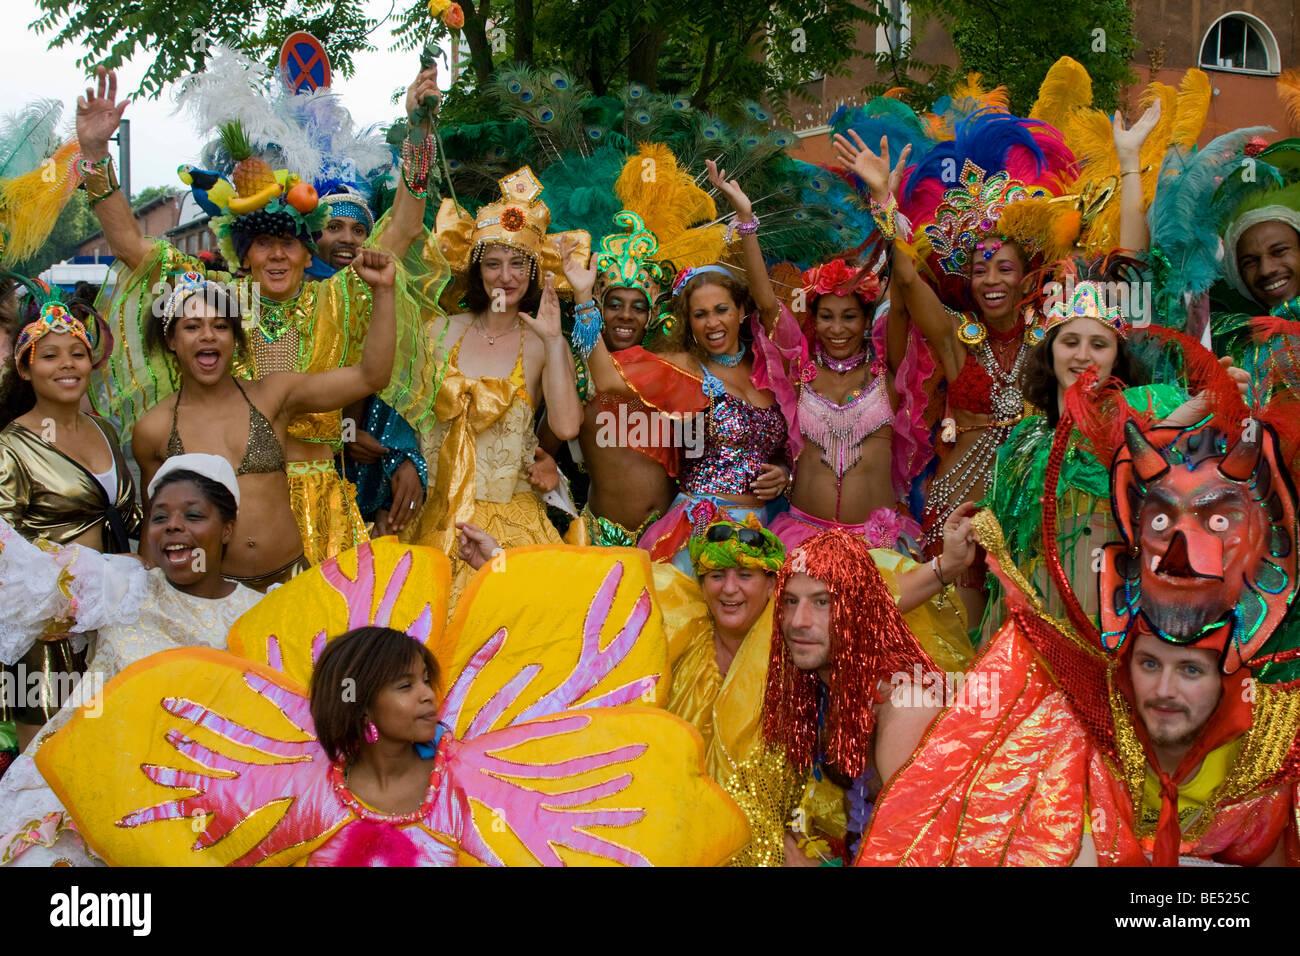 Gruppo Amasonia, il Carnevale delle culture 2009, Berlino, Germania, Europa Immagini Stock